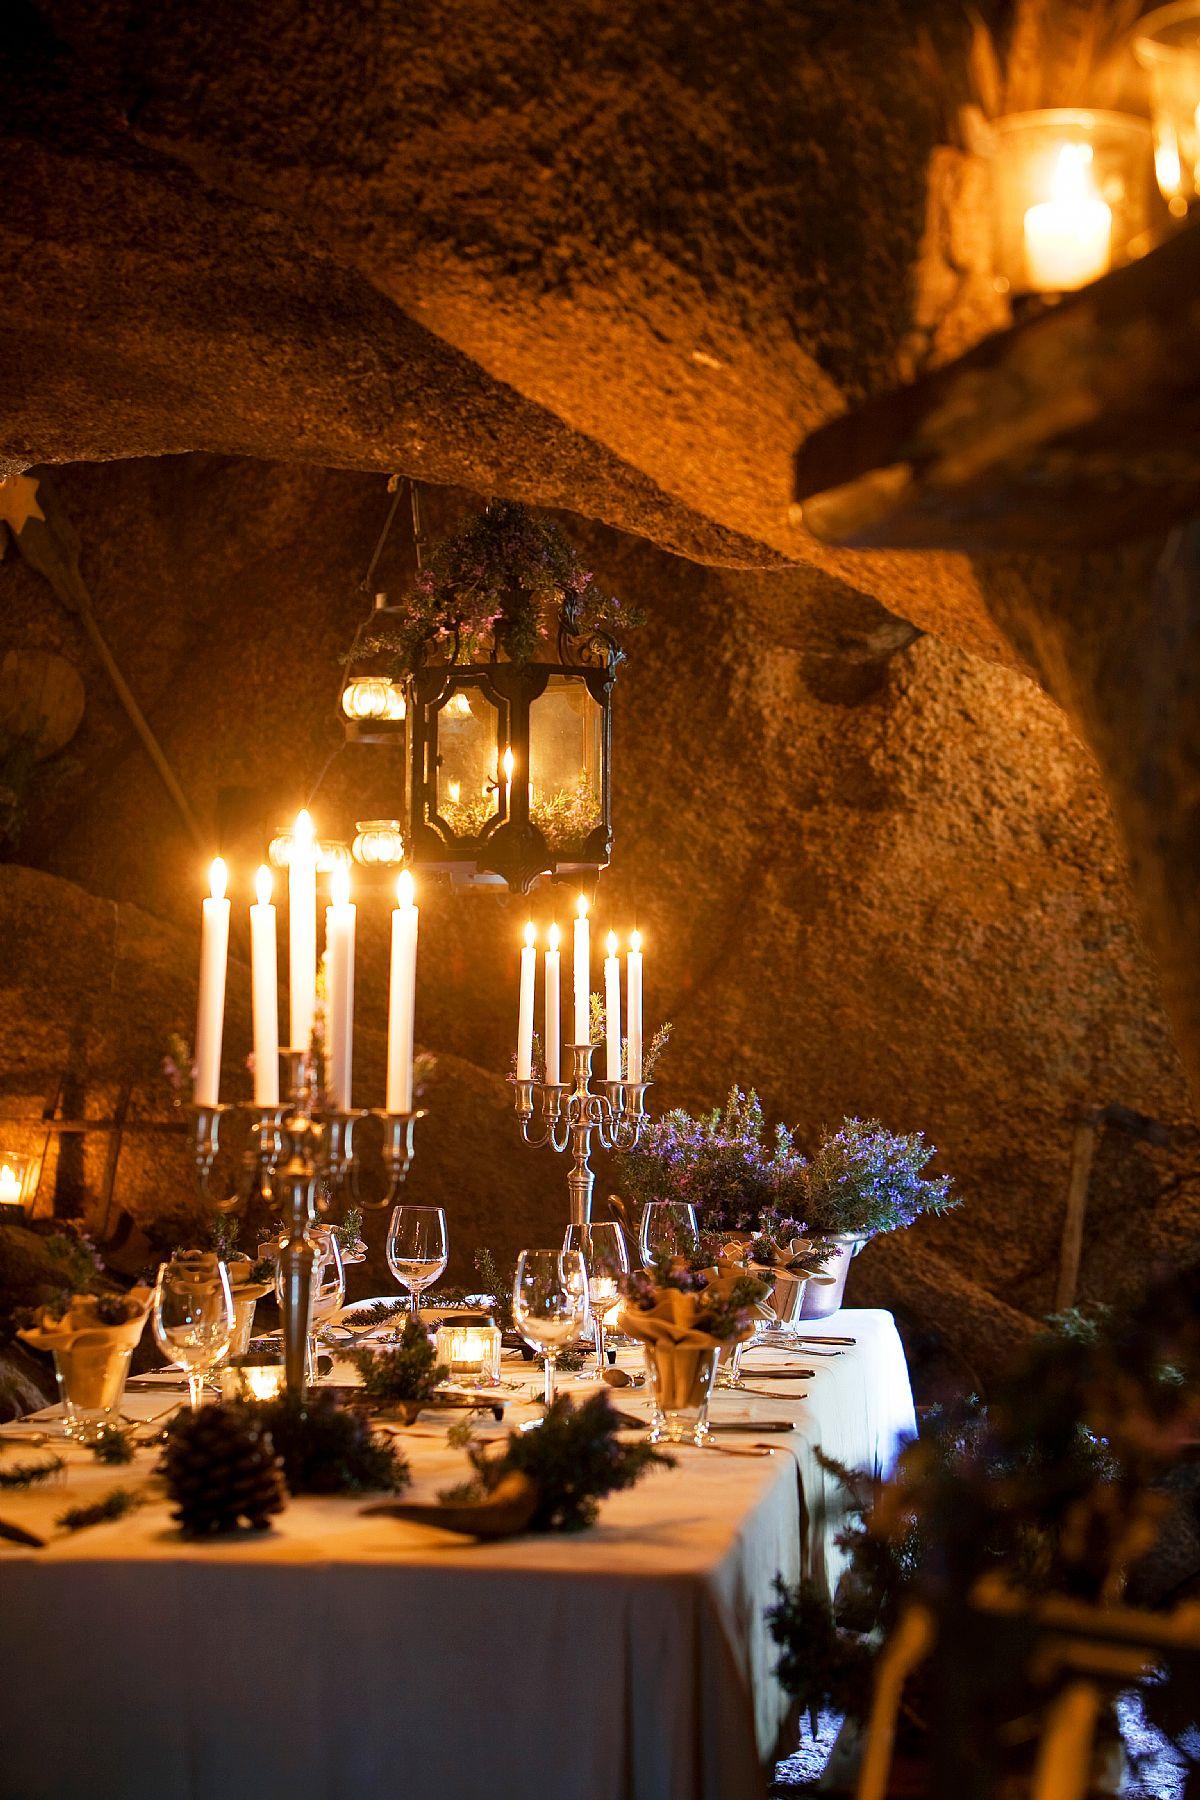 restaurant-grotte-028641